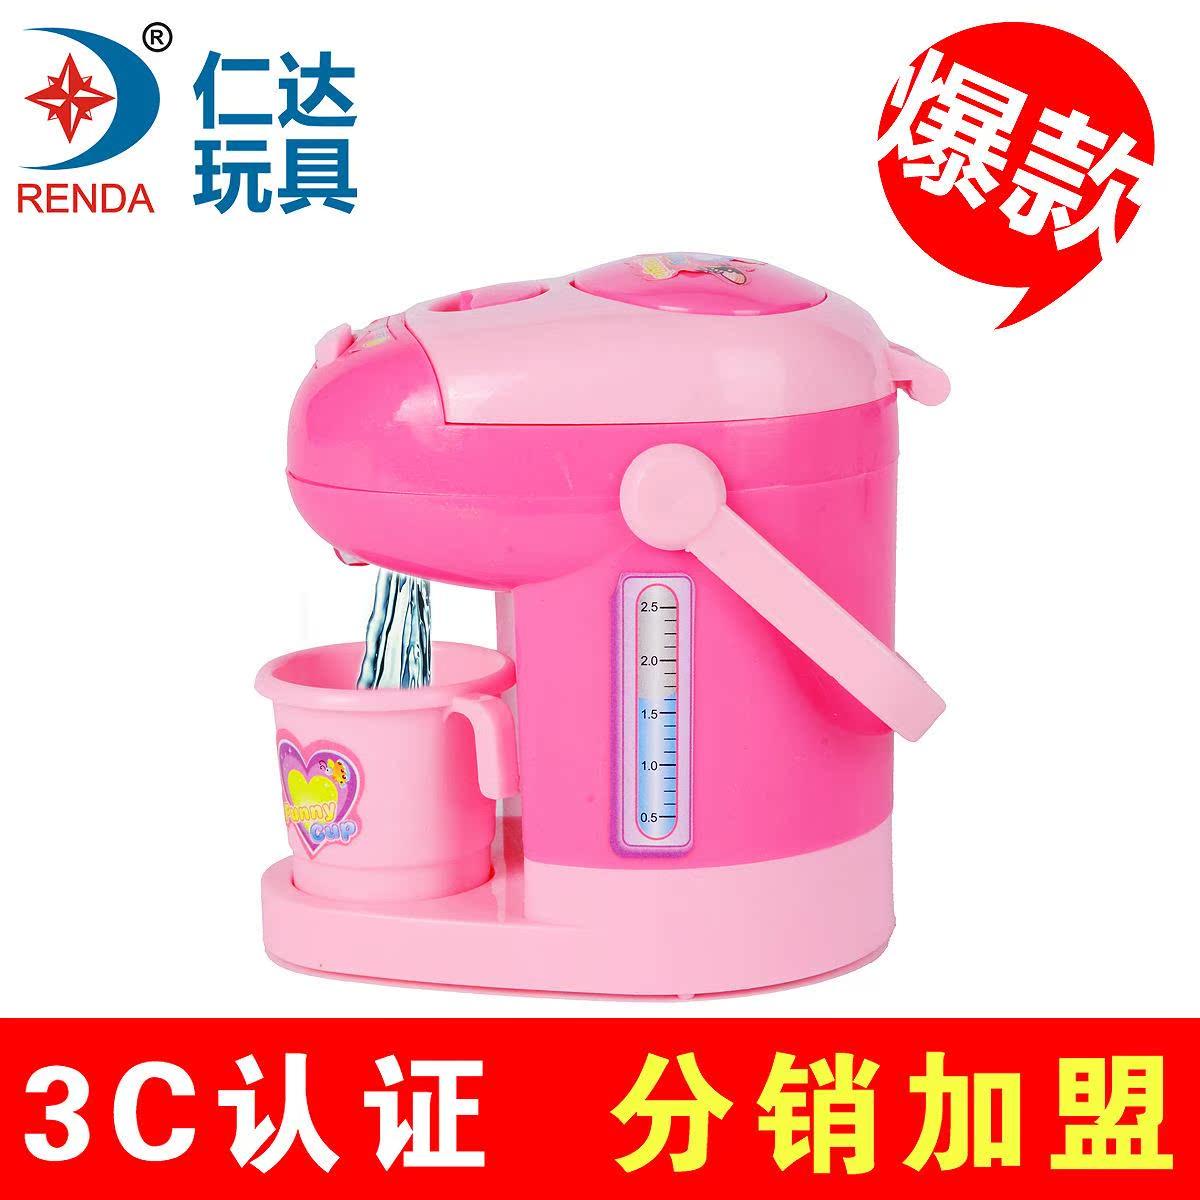 Детский игровой набор Renda rd800223